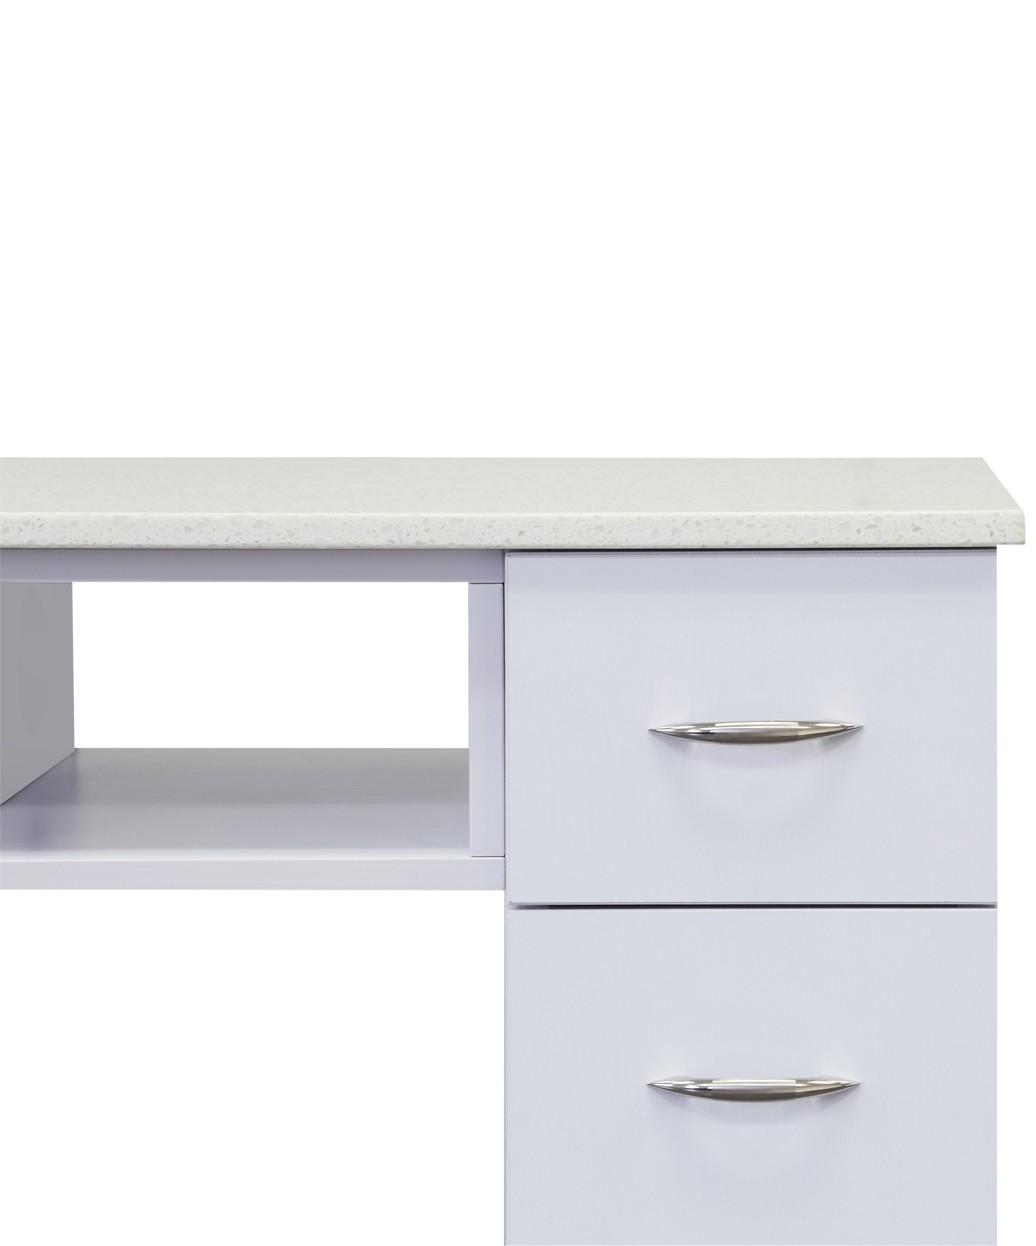 J&A White Granite Top Manicure Table